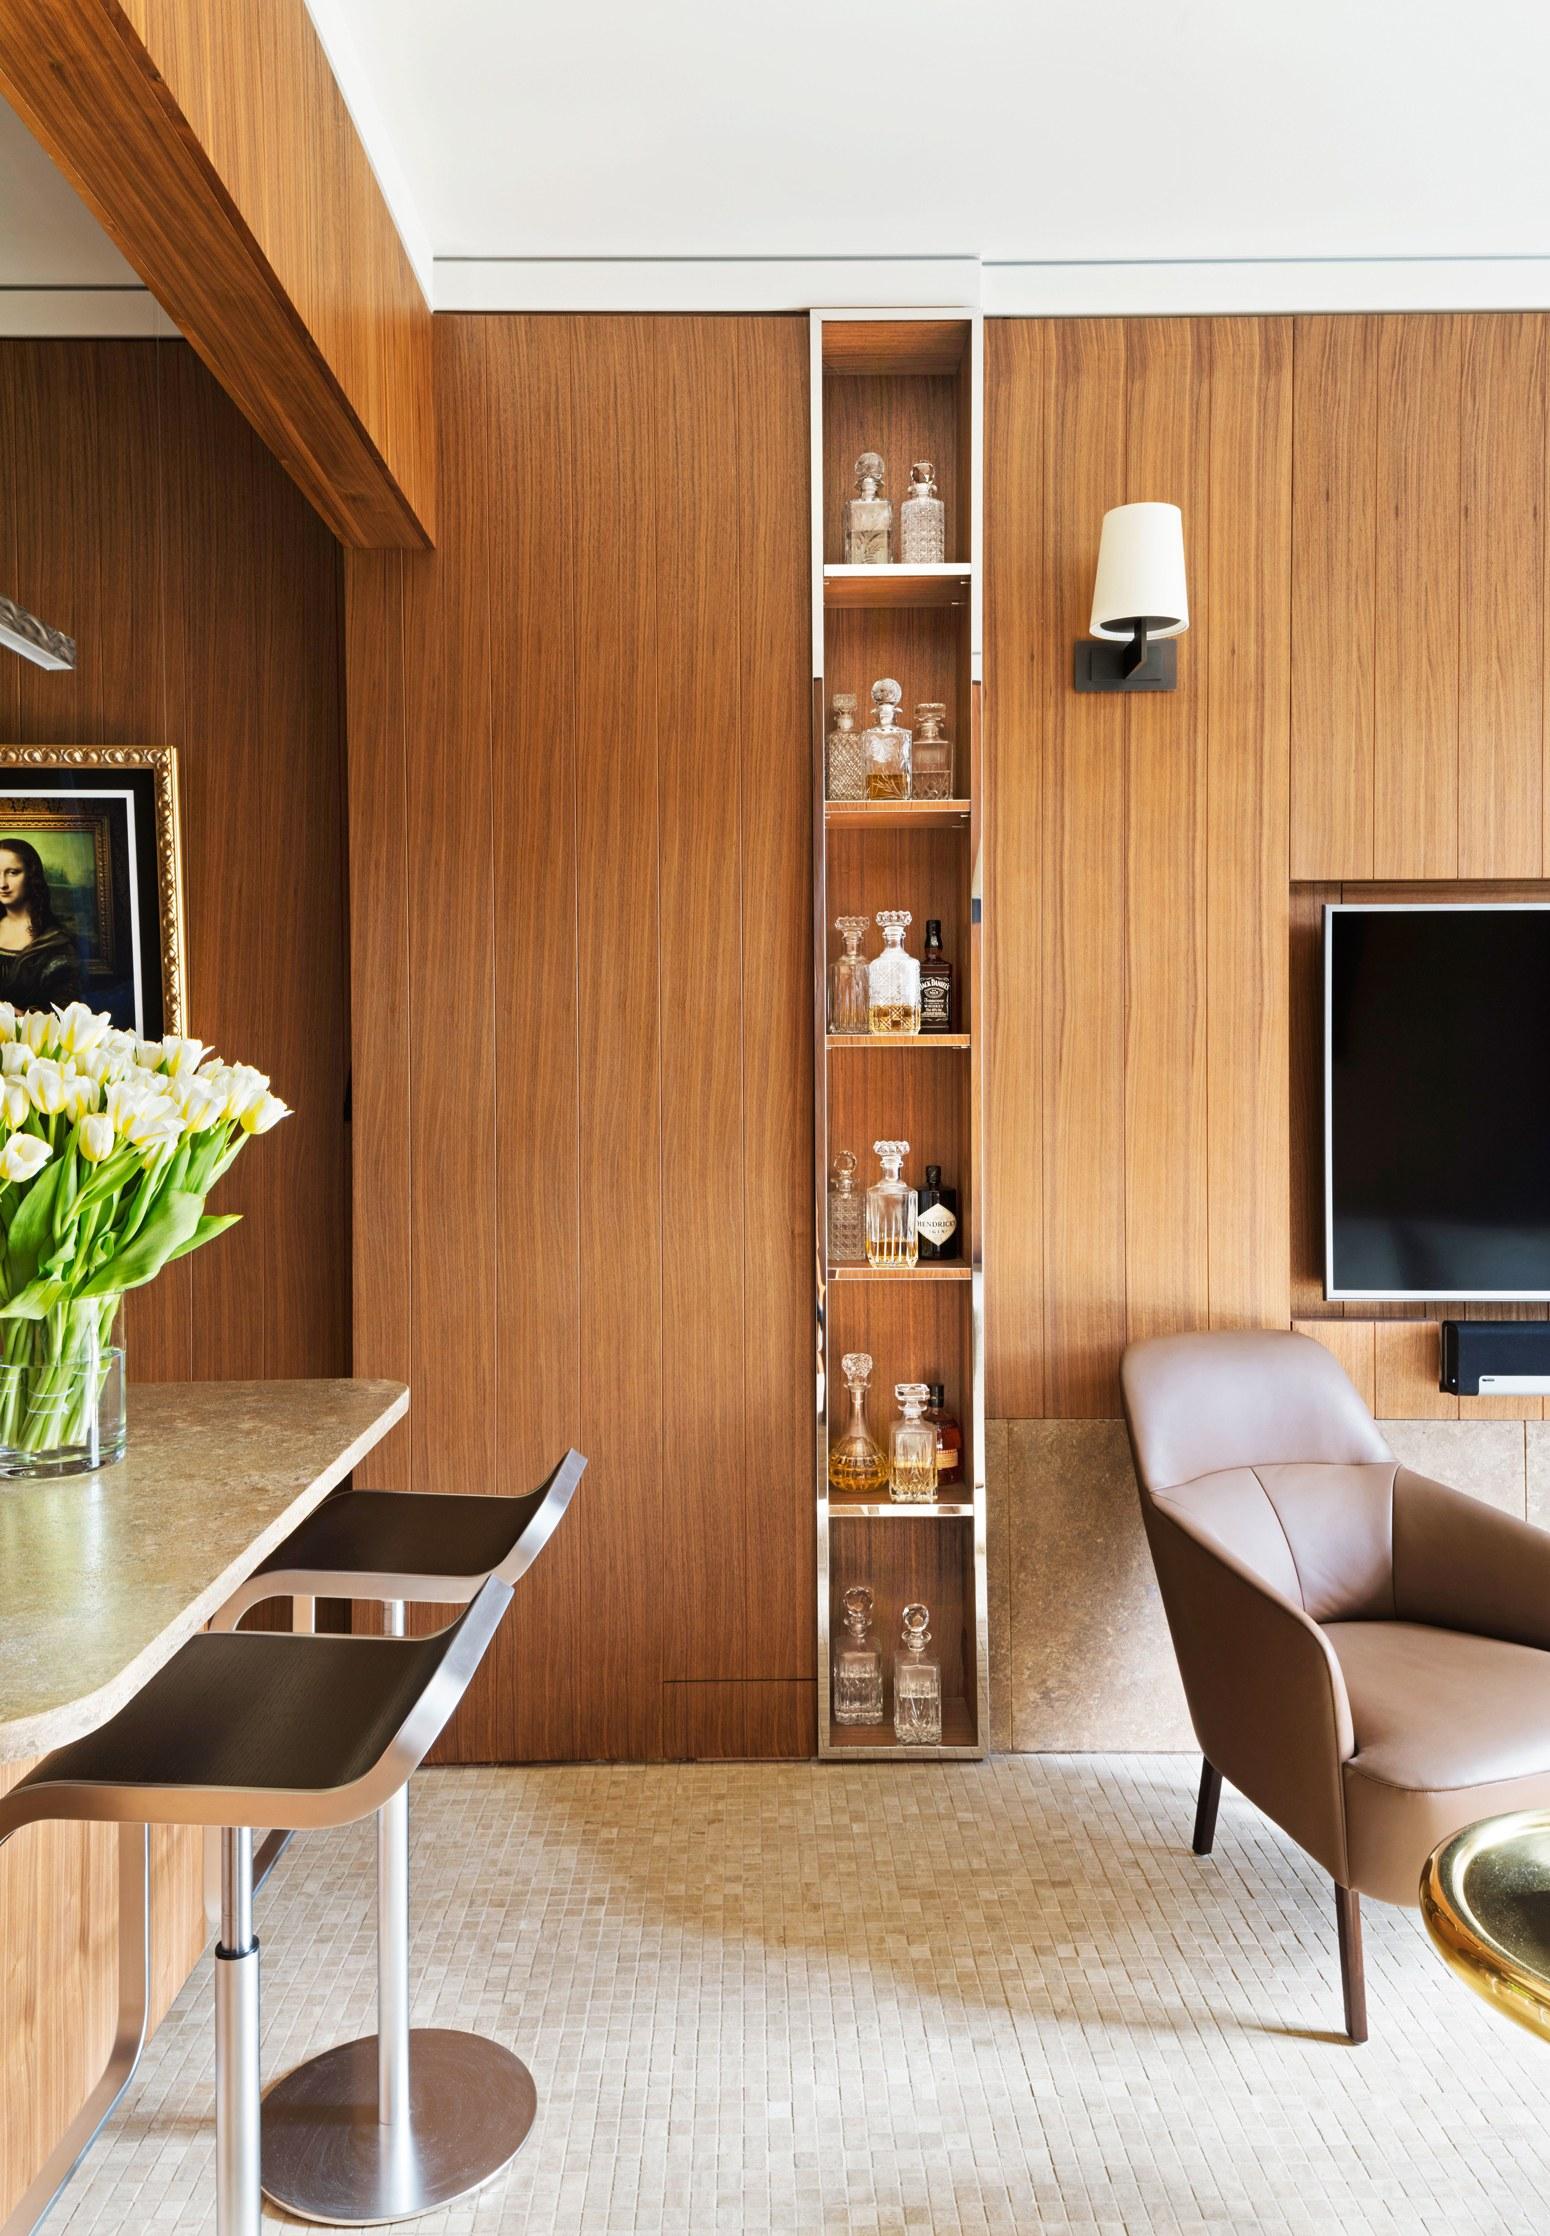 A great Modern home design by Chakib Richani modern home A great Modern home design by Chakib Richani london chakib richani house tour AD 02